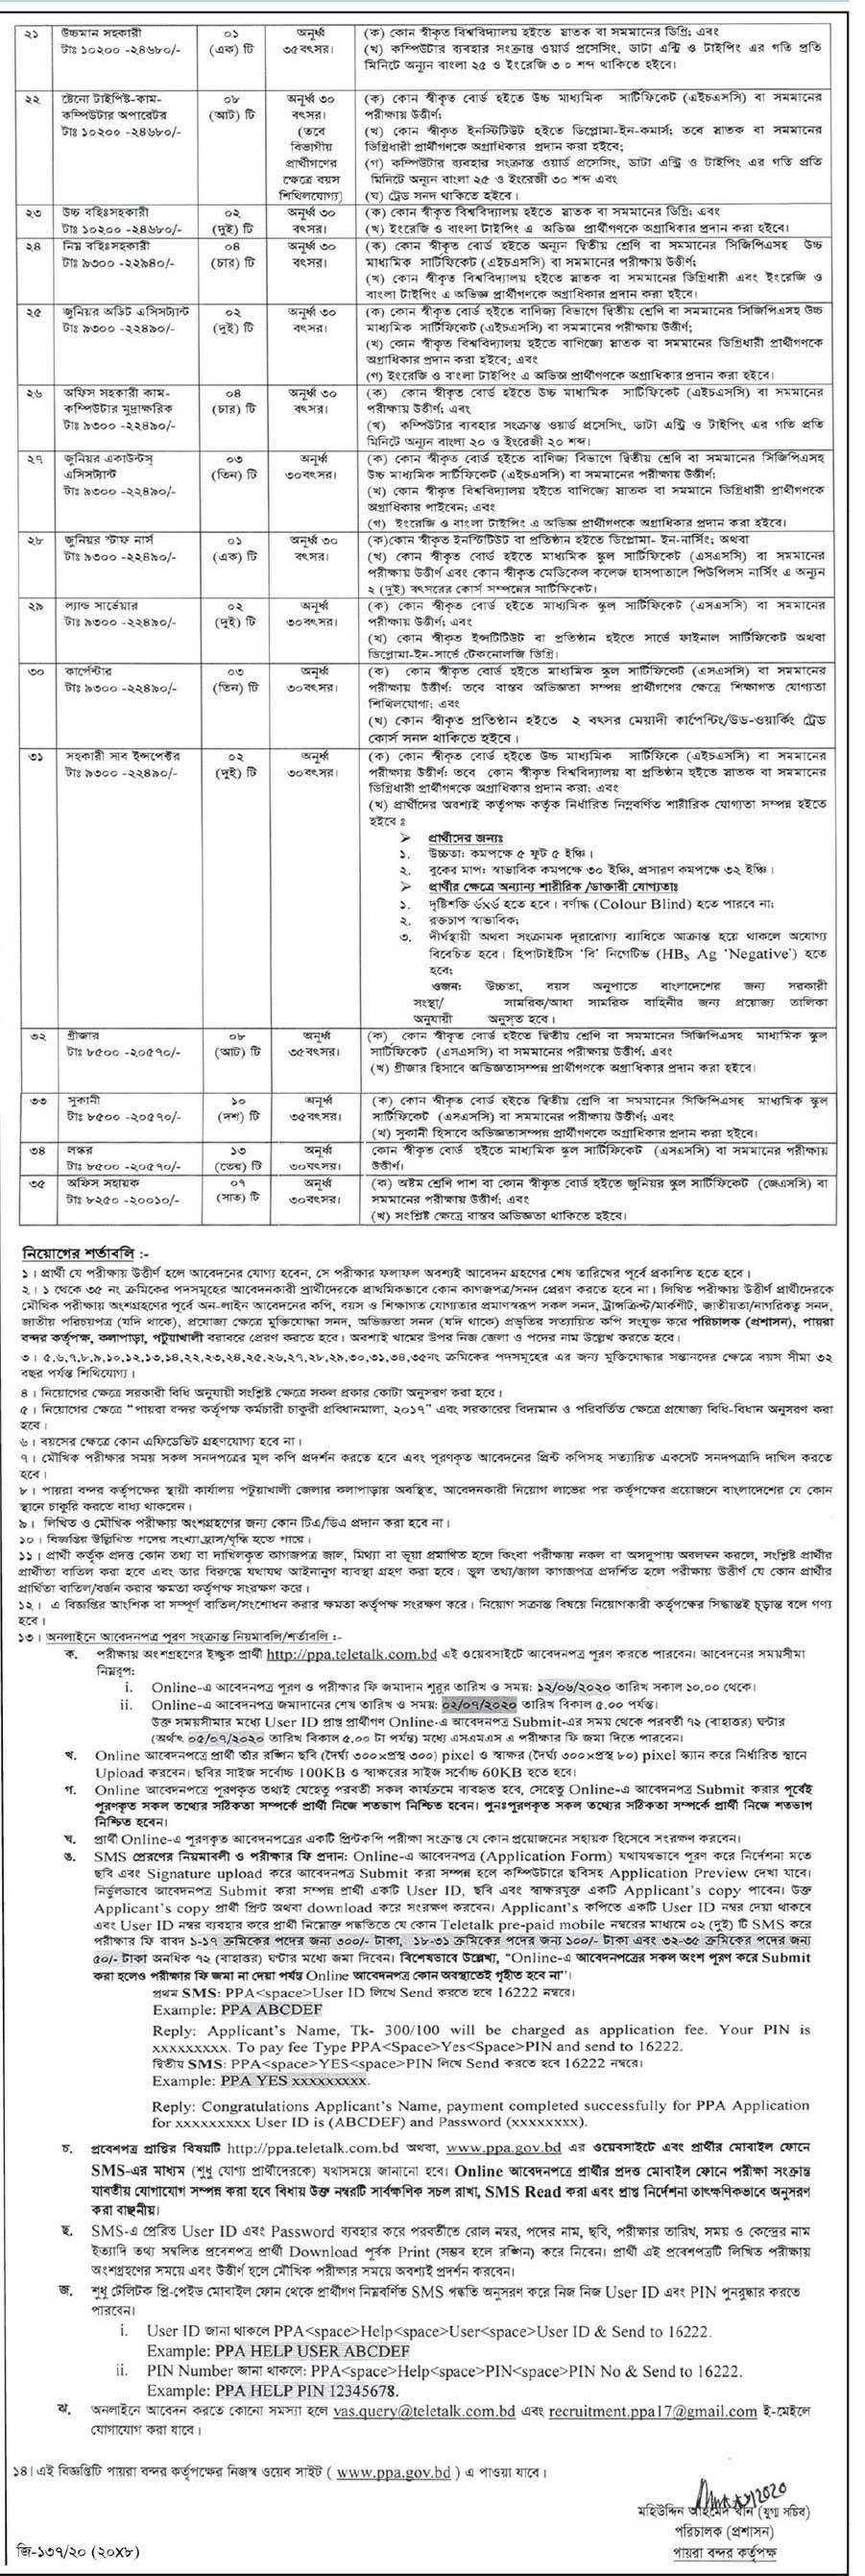 Payra Port Authority Job Circular-2020 2